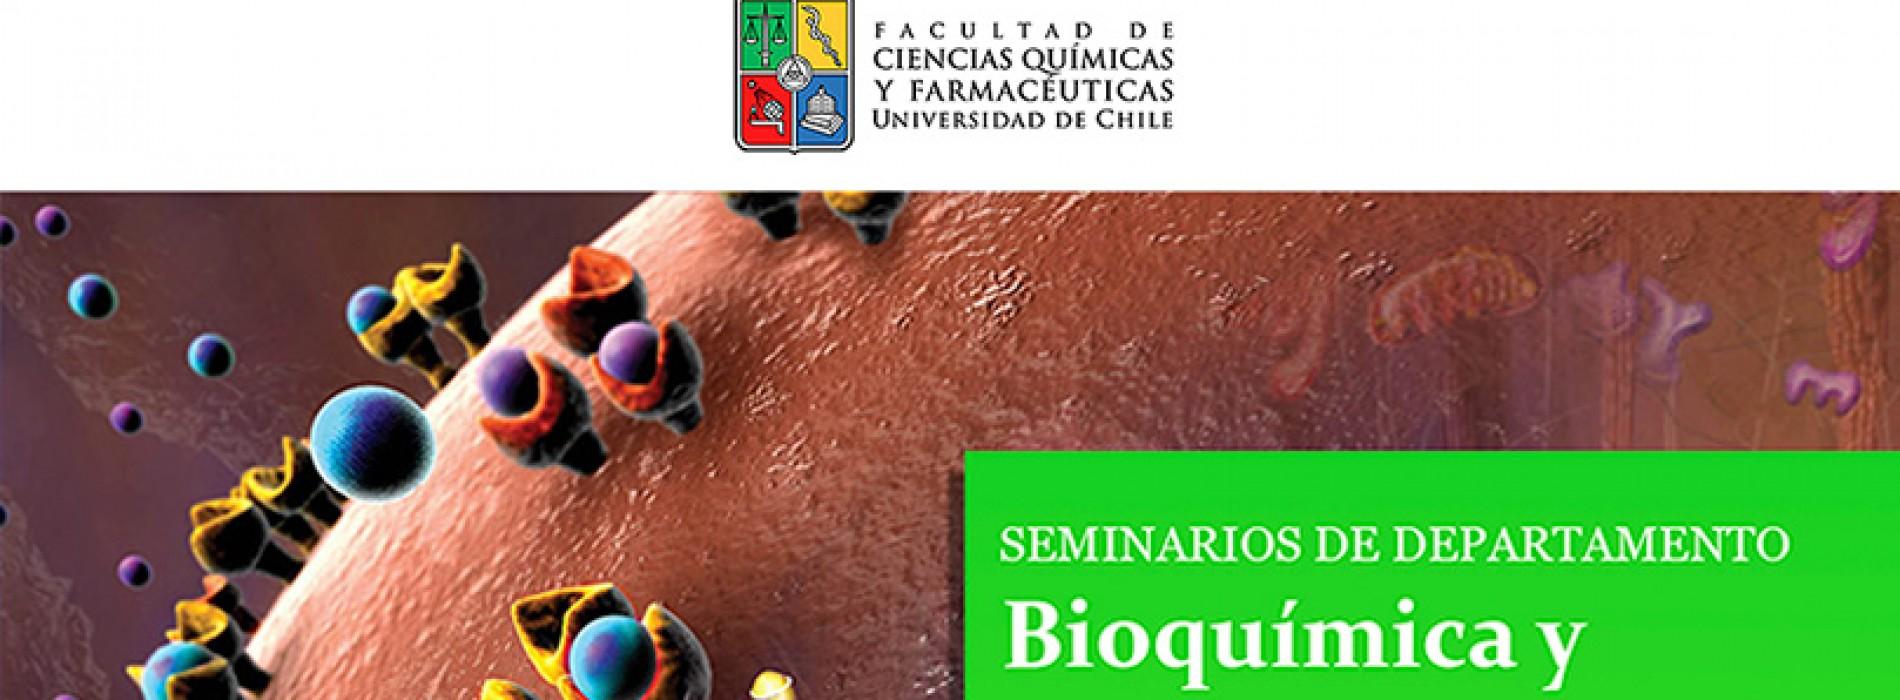 Seminarios de Departamento Bioquímica y Biología Molecular